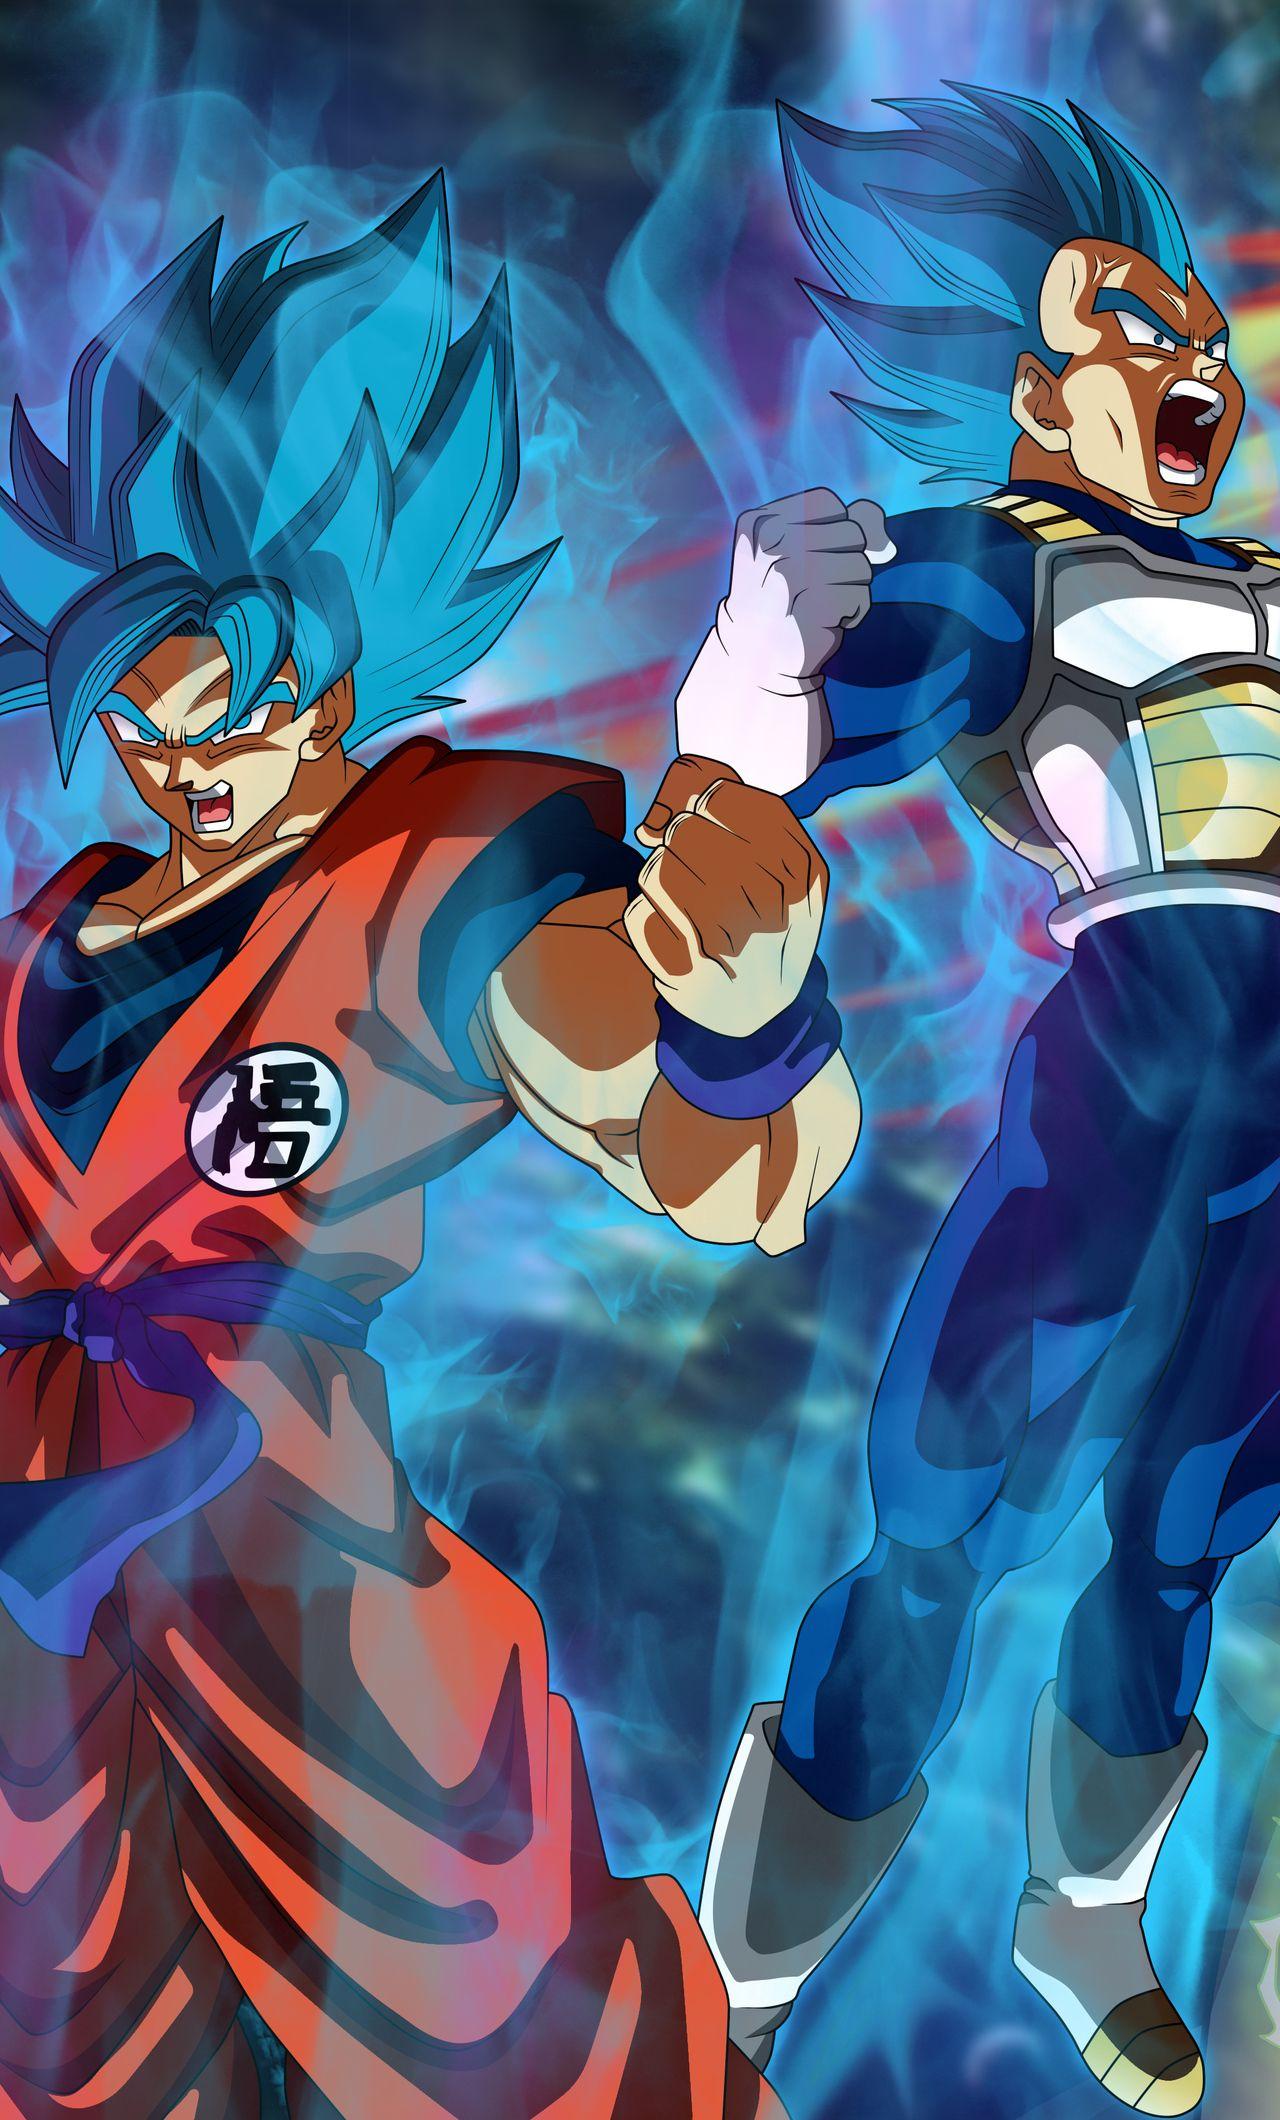 Dbz Vegeta Iphone Wallpaper Ipcwallpapers Dragon Ball Super Wallpapers Anime Dragon Ball Super Dragon Ball Z